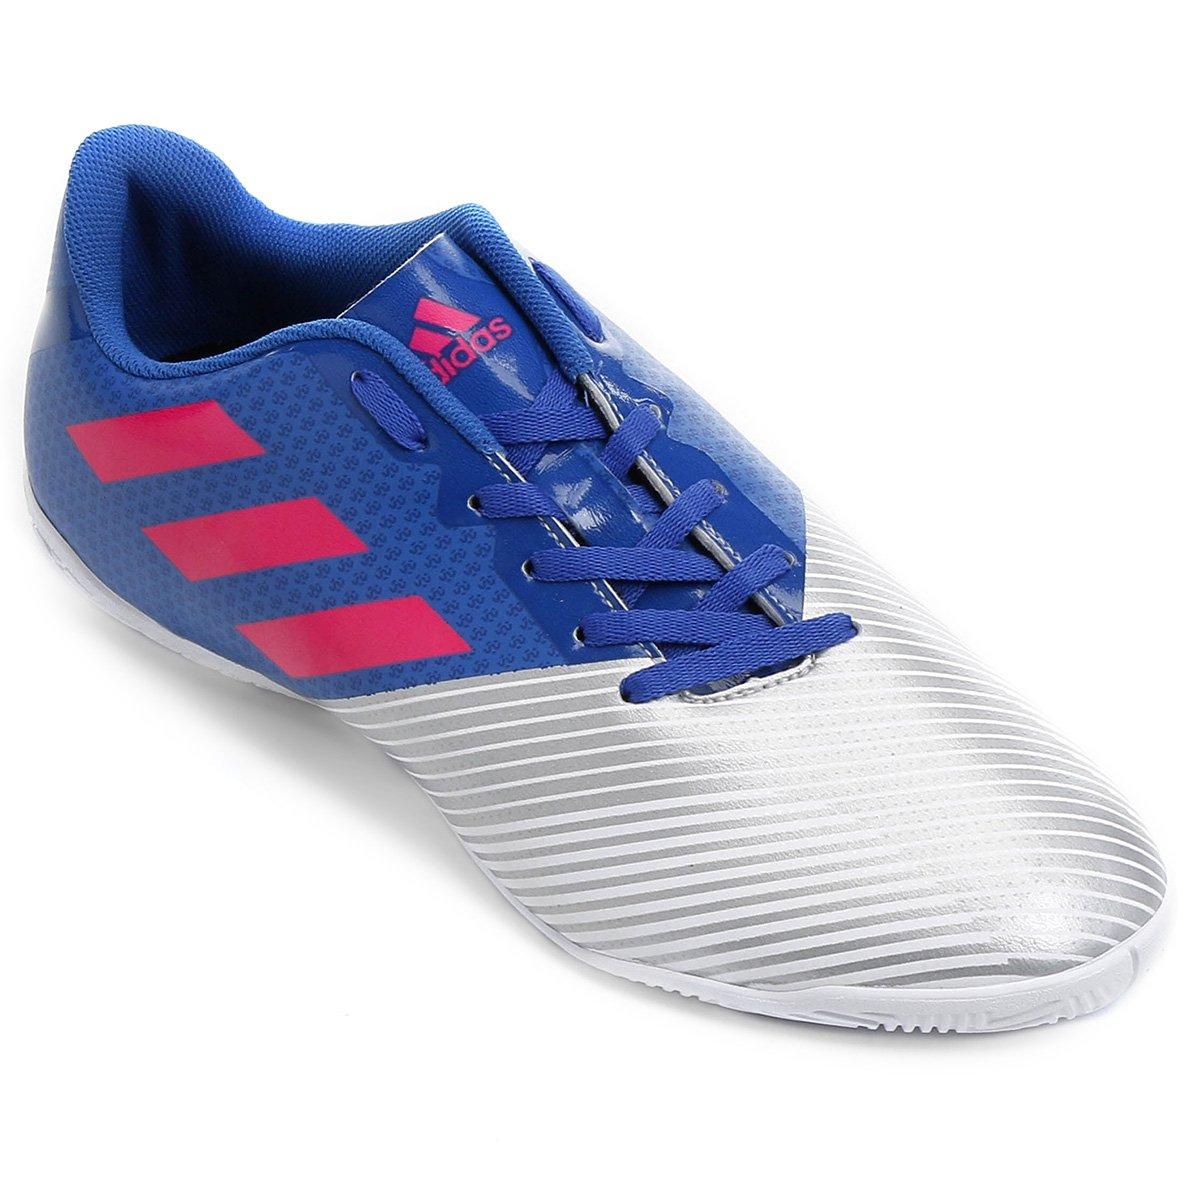 38e789db93 Chuteira Futsal Adidas Artilheira 17 IN - Azul e Prata